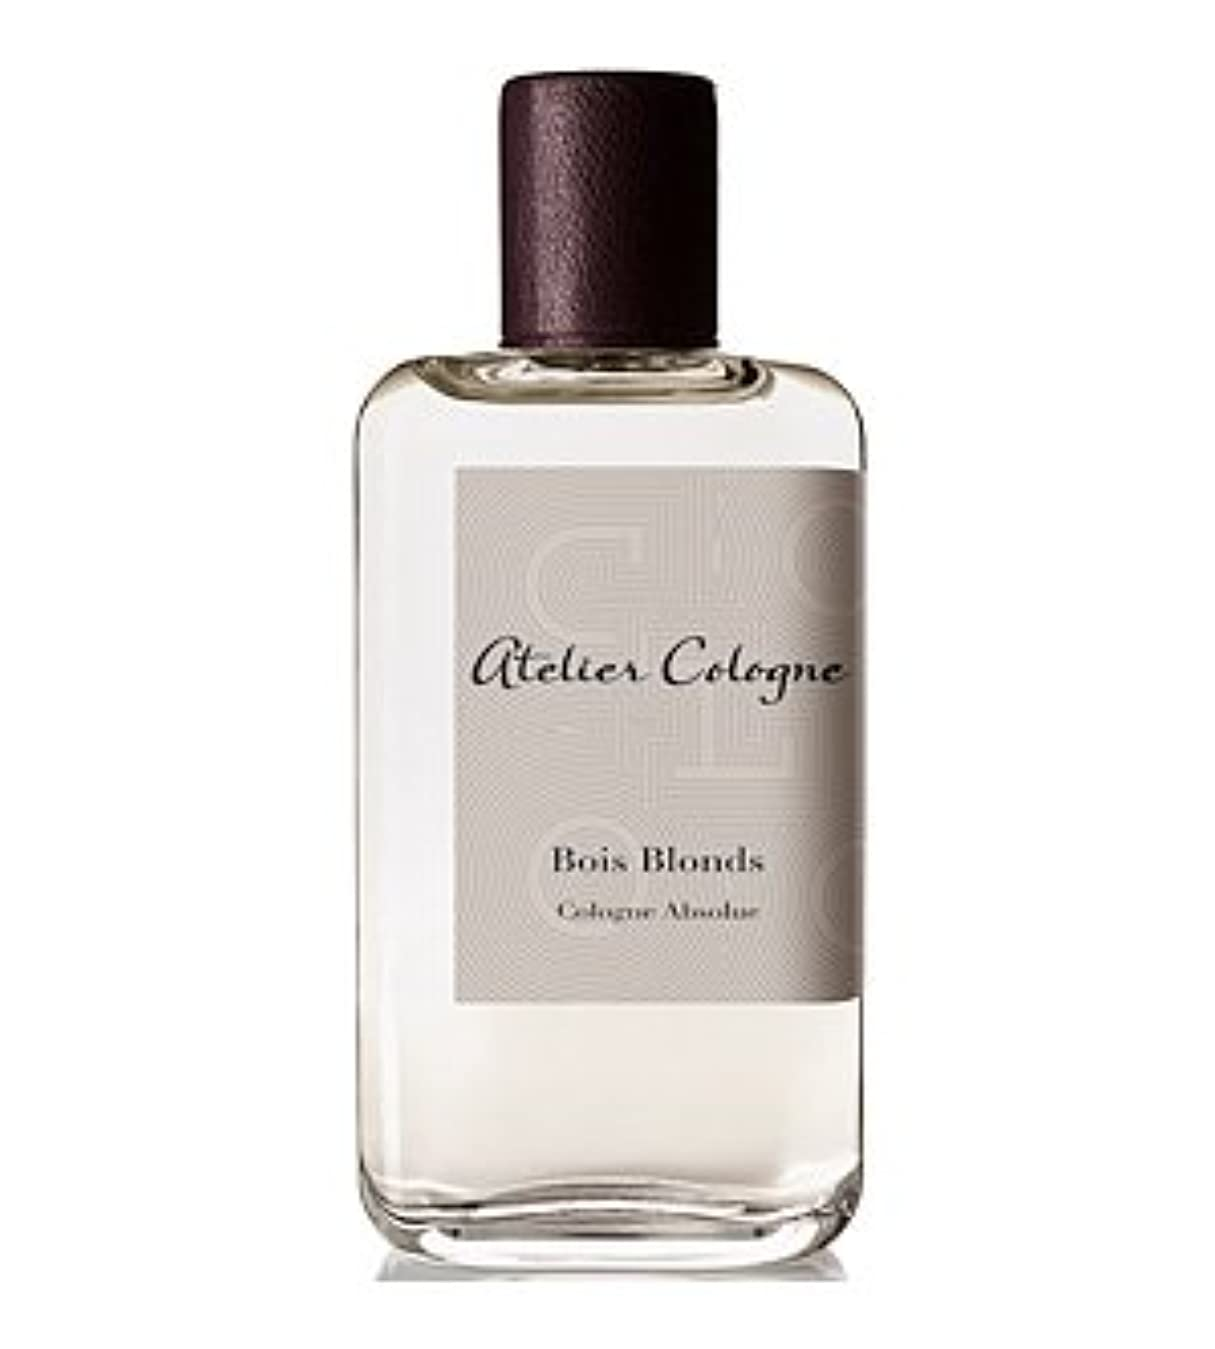 休憩する凍る伝染病Atelier Cologne Bois Blonds (アトリエ コロン ボア ブロンド) 3.4 oz (100ml) Cologne Absolue